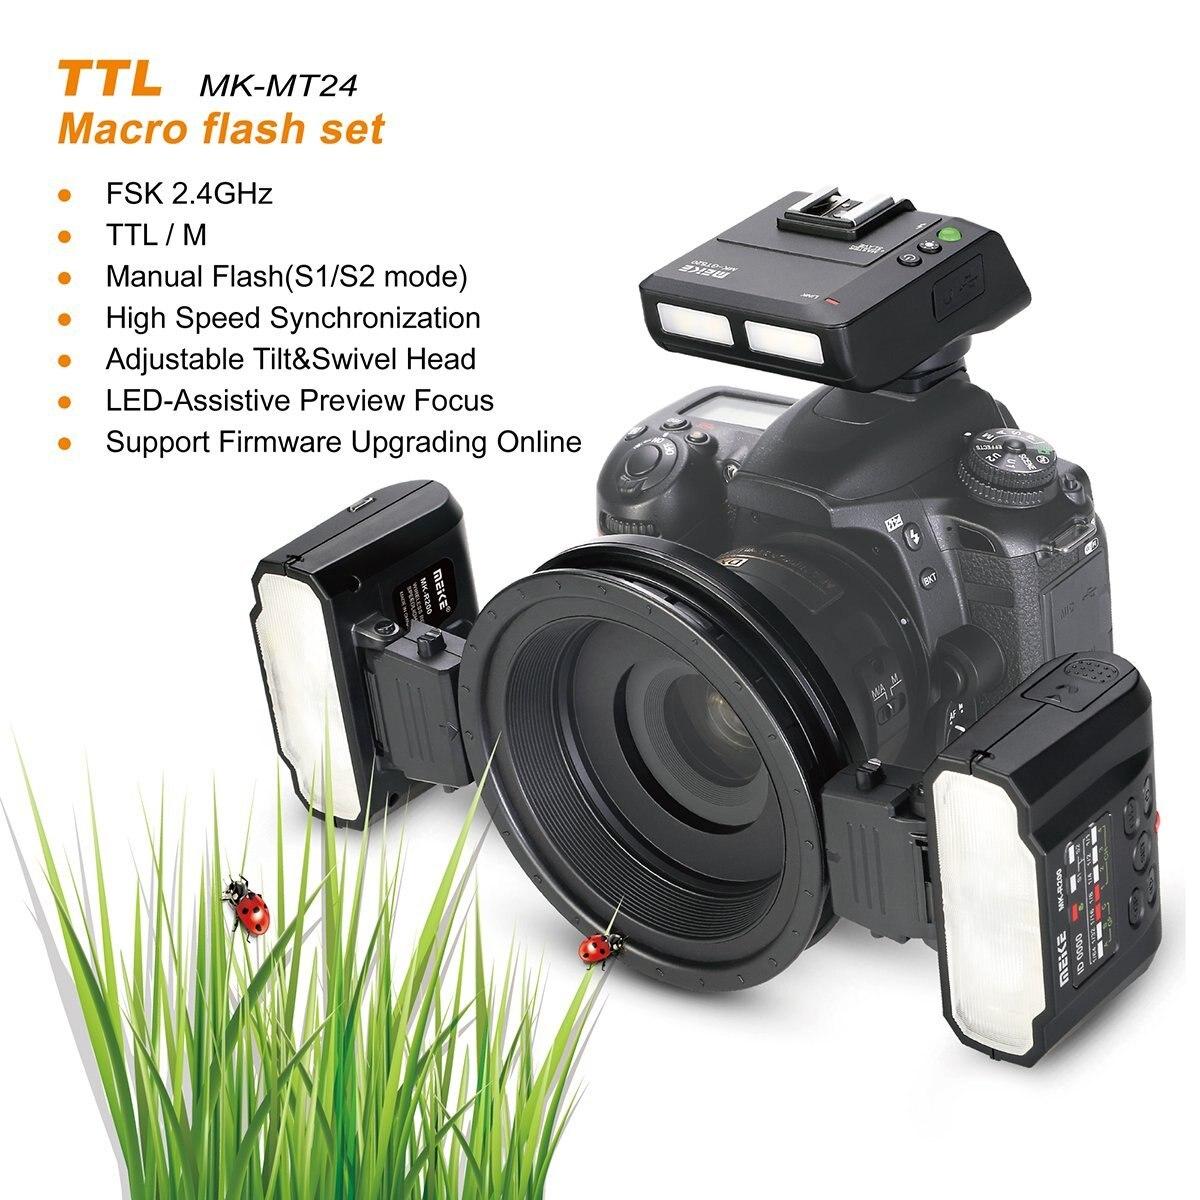 Meike – Flash Macro Twin Lite 5500K, pour Nikon D3400 D5300 D7200 D750 D5600 D3200 D7100 D3300 D7200 D850 as R1C1, MK MT24